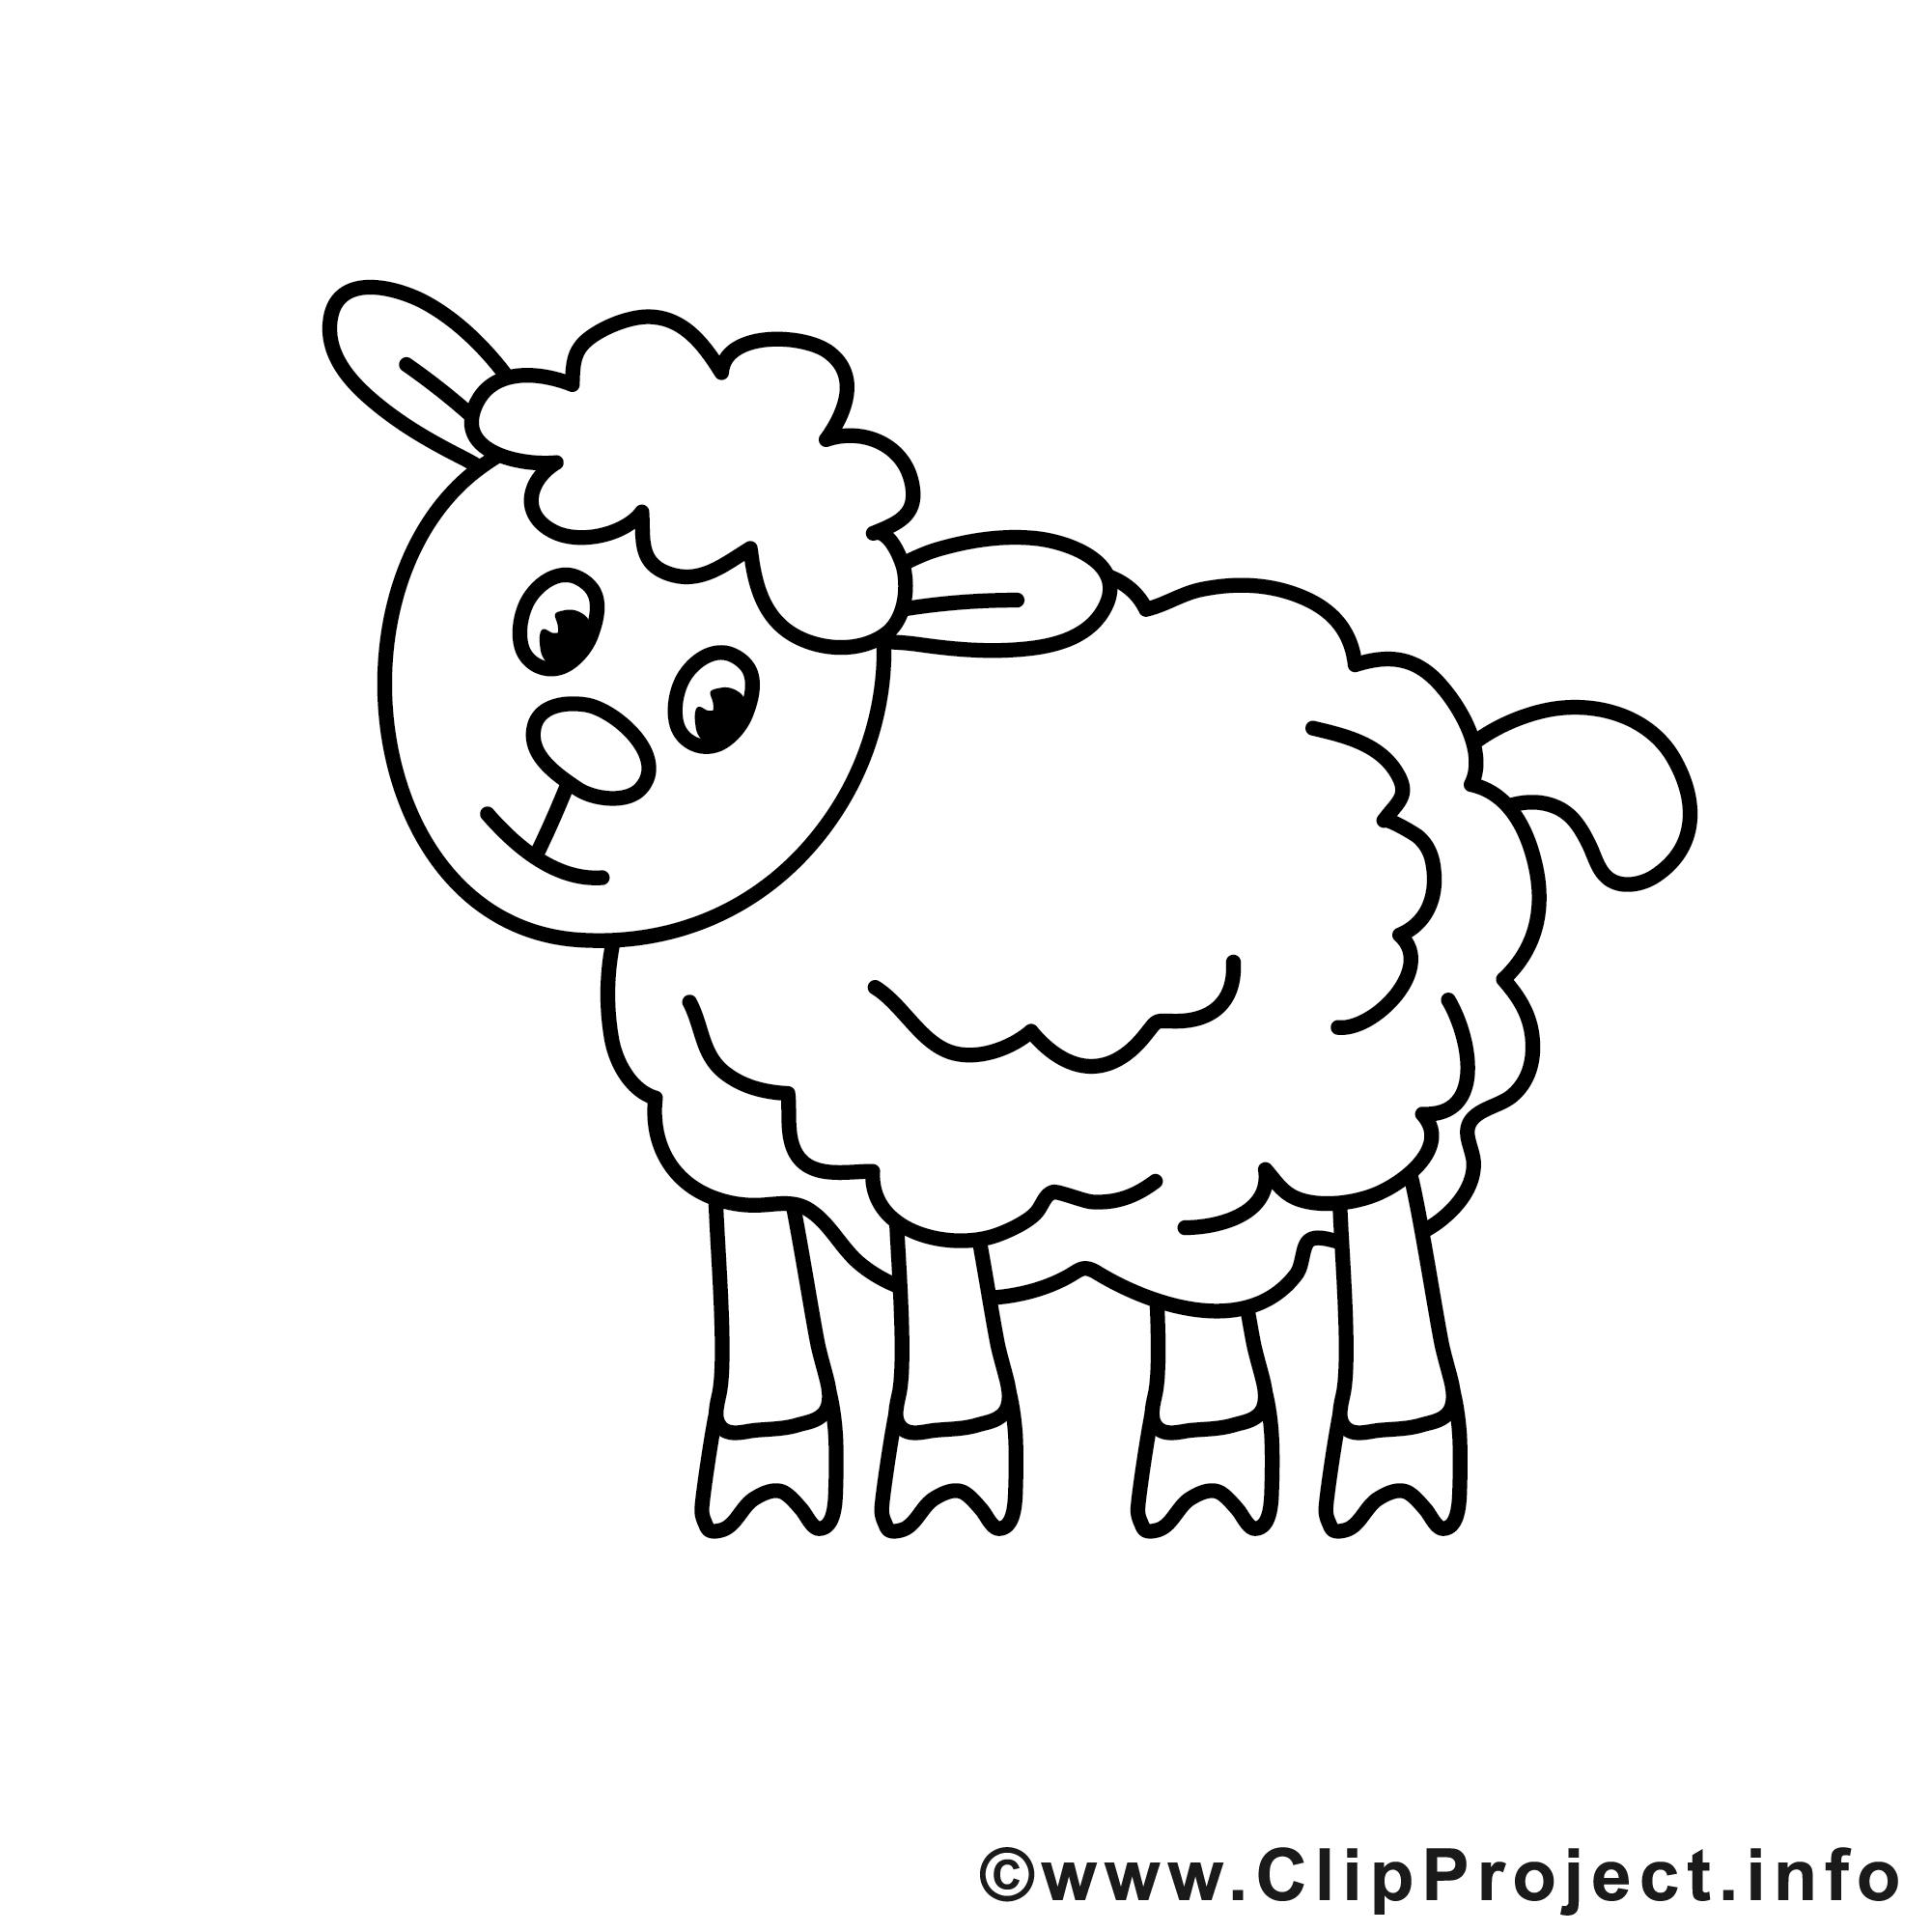 Kostenlose Malvorlage Schaf | Coloring And Malvorlagan mit Schaf Malvorlage